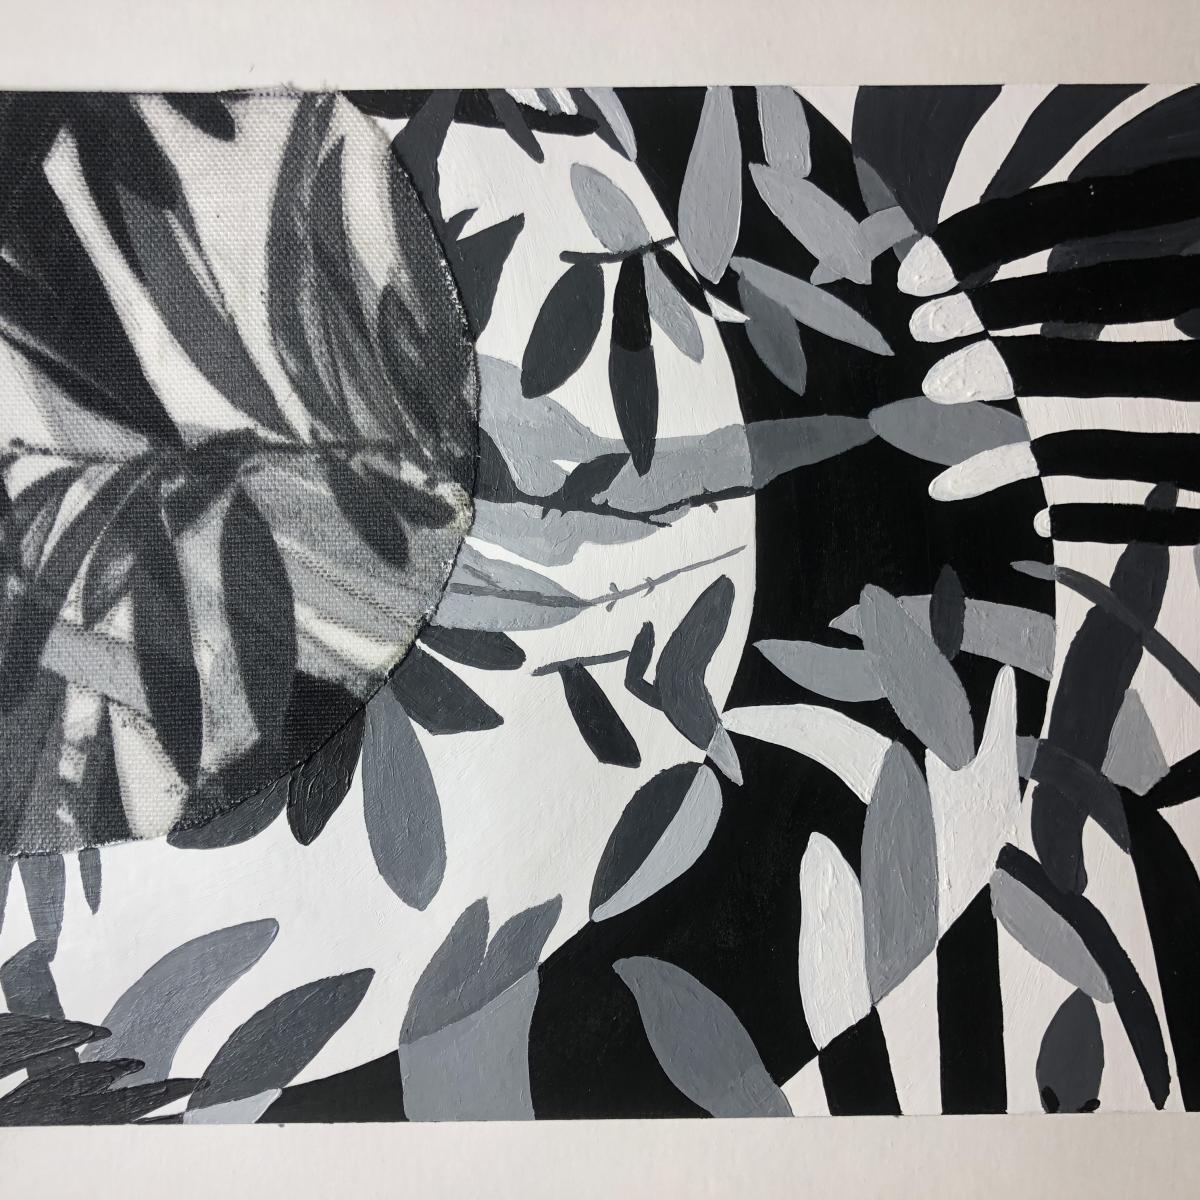 Shades of Gray by Zaynah Jadallah